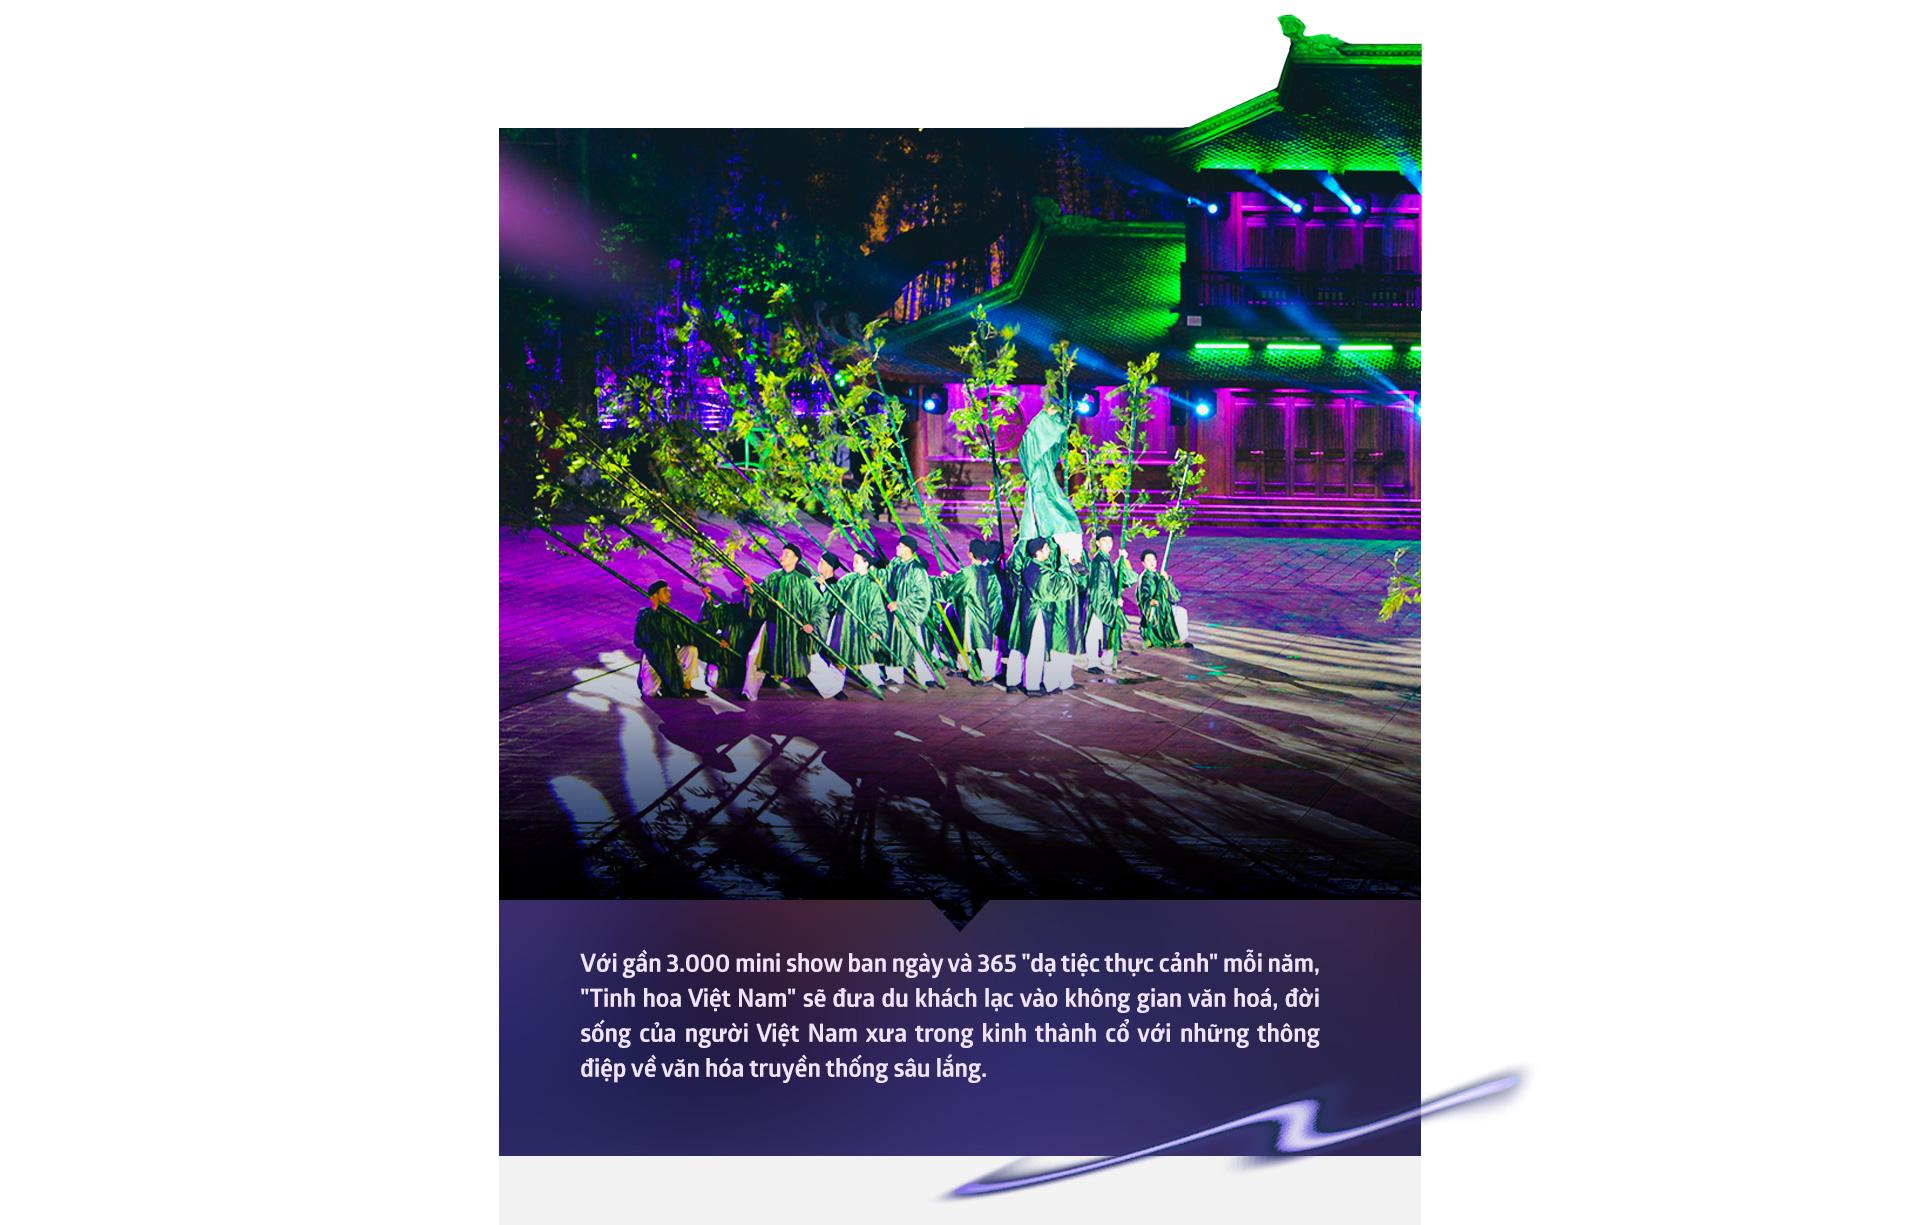 Những show diễn triệu USD mang du khách đến với Phú Quốc - Ảnh 8.